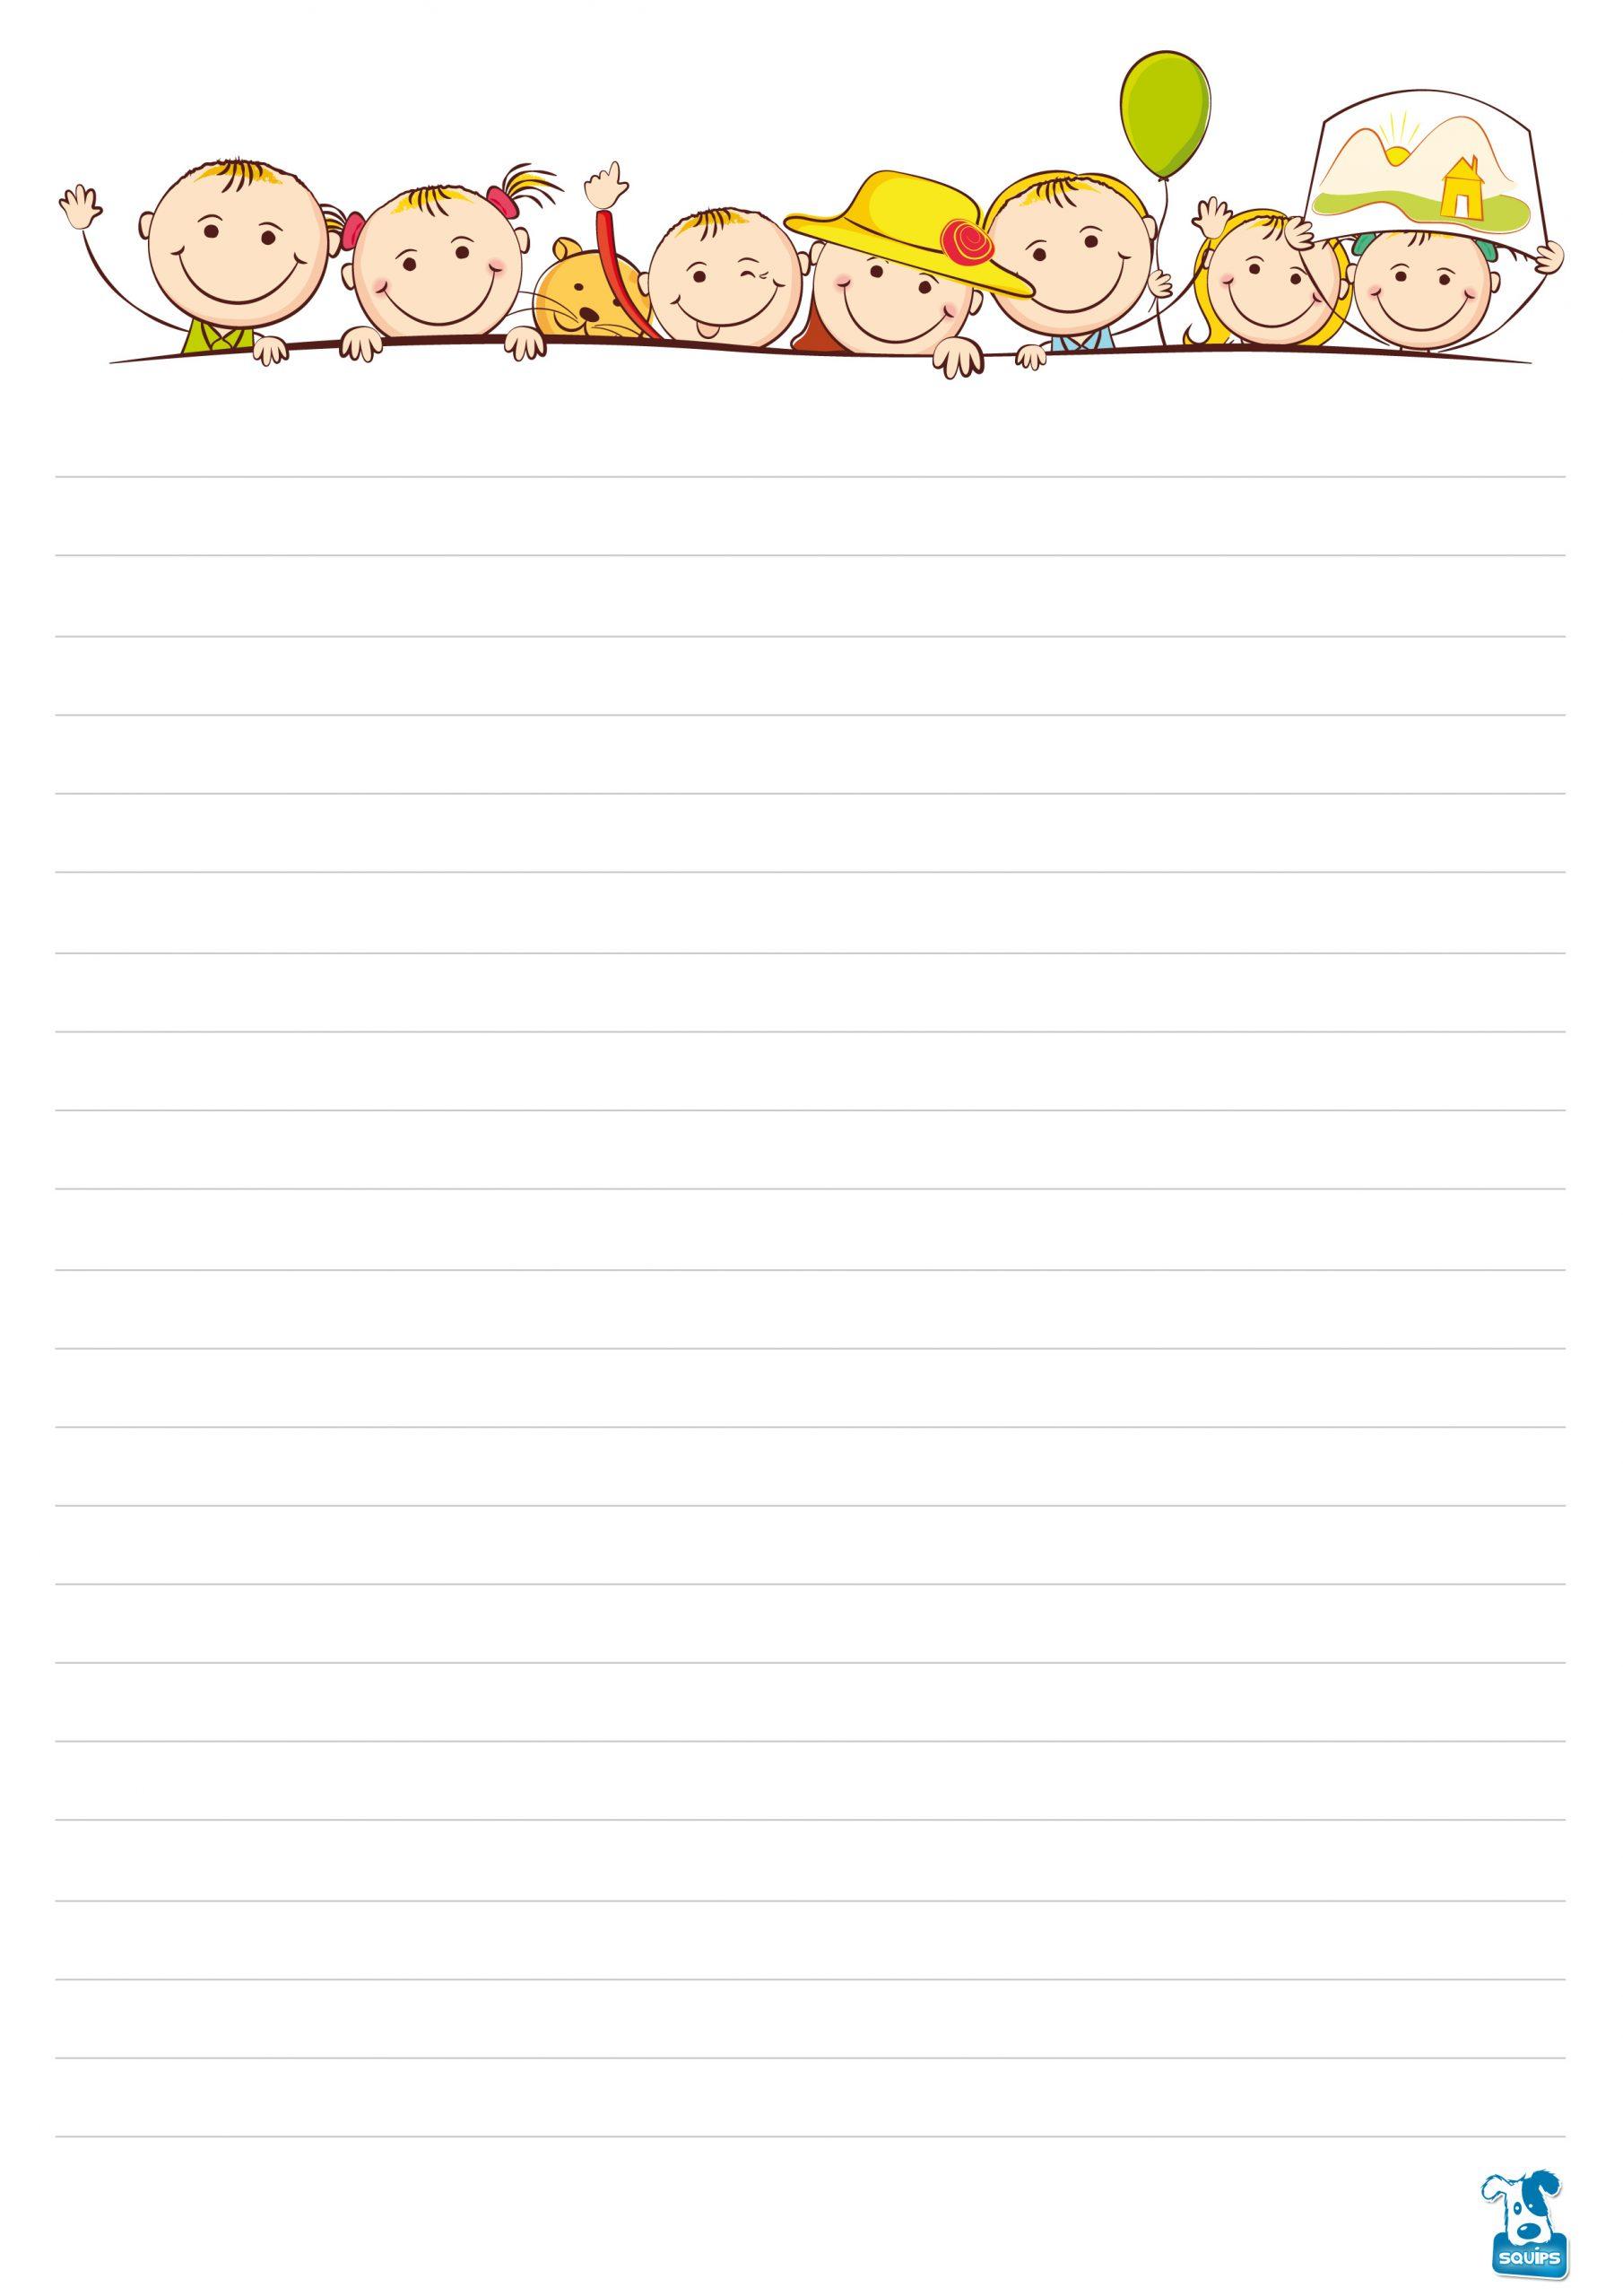 10 Papiers À Lettre À Imprimer Pour Enfants | 123Cartes dedans Papier A Lettre Enfant